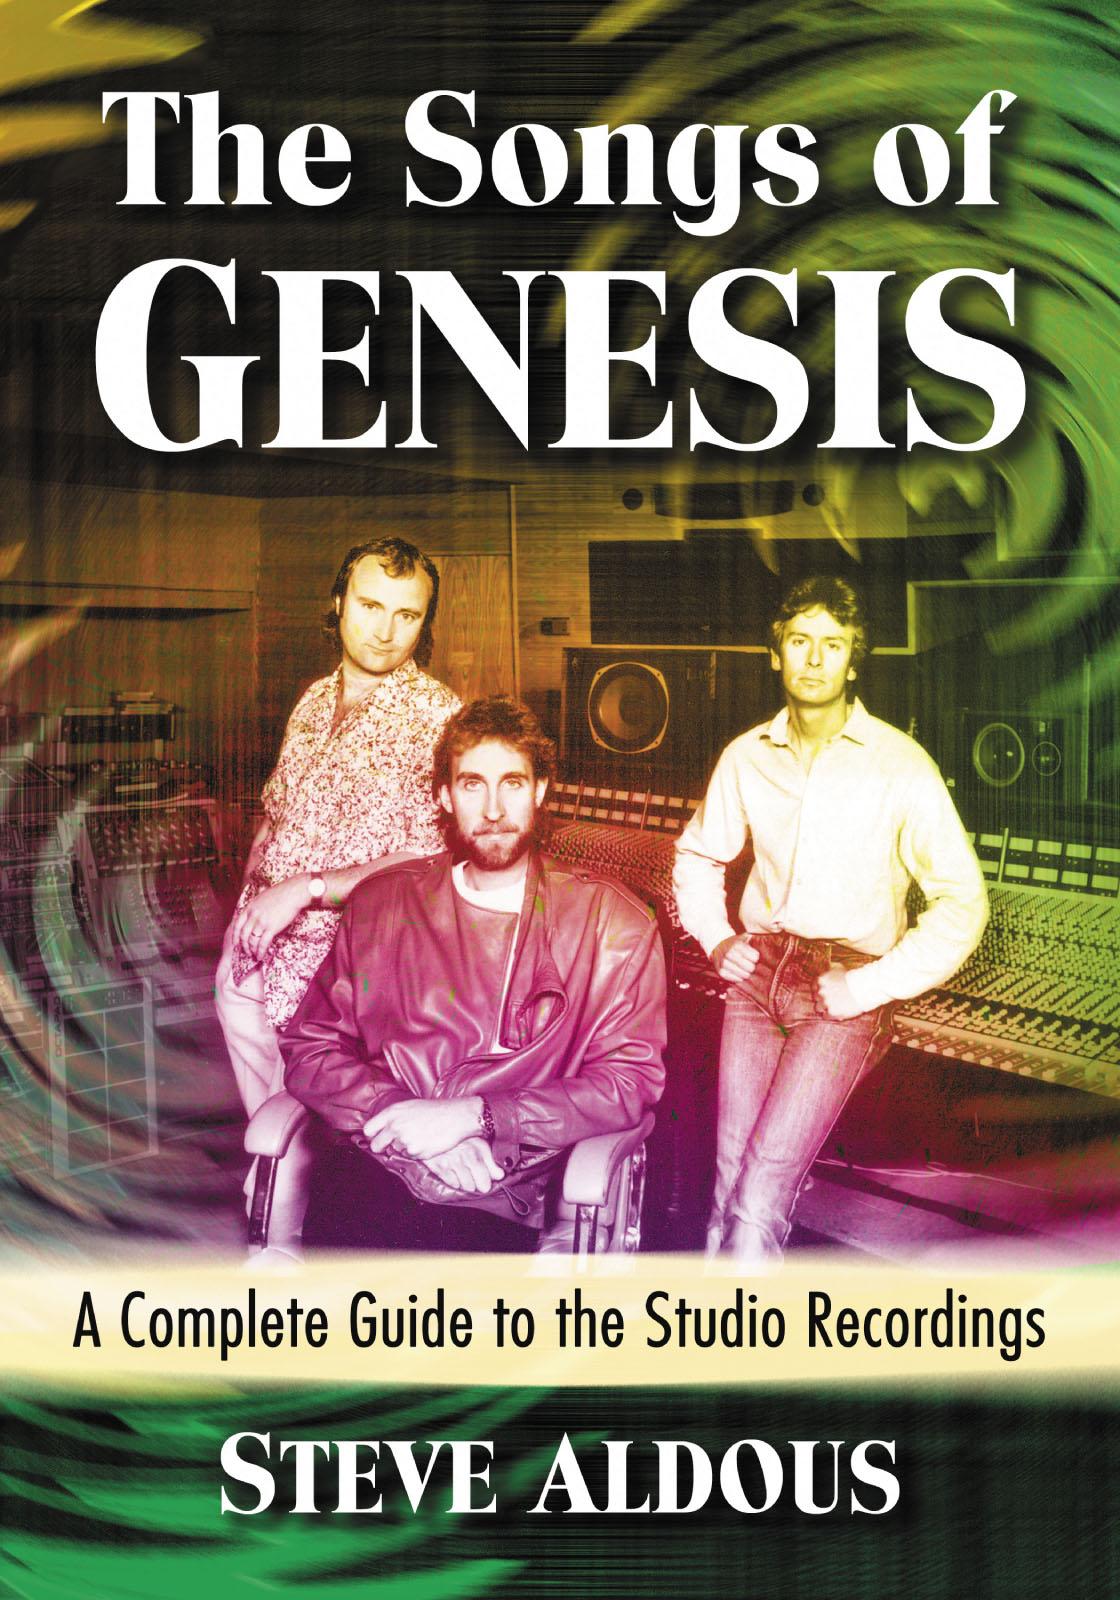 The Songs of Genesis.jpg